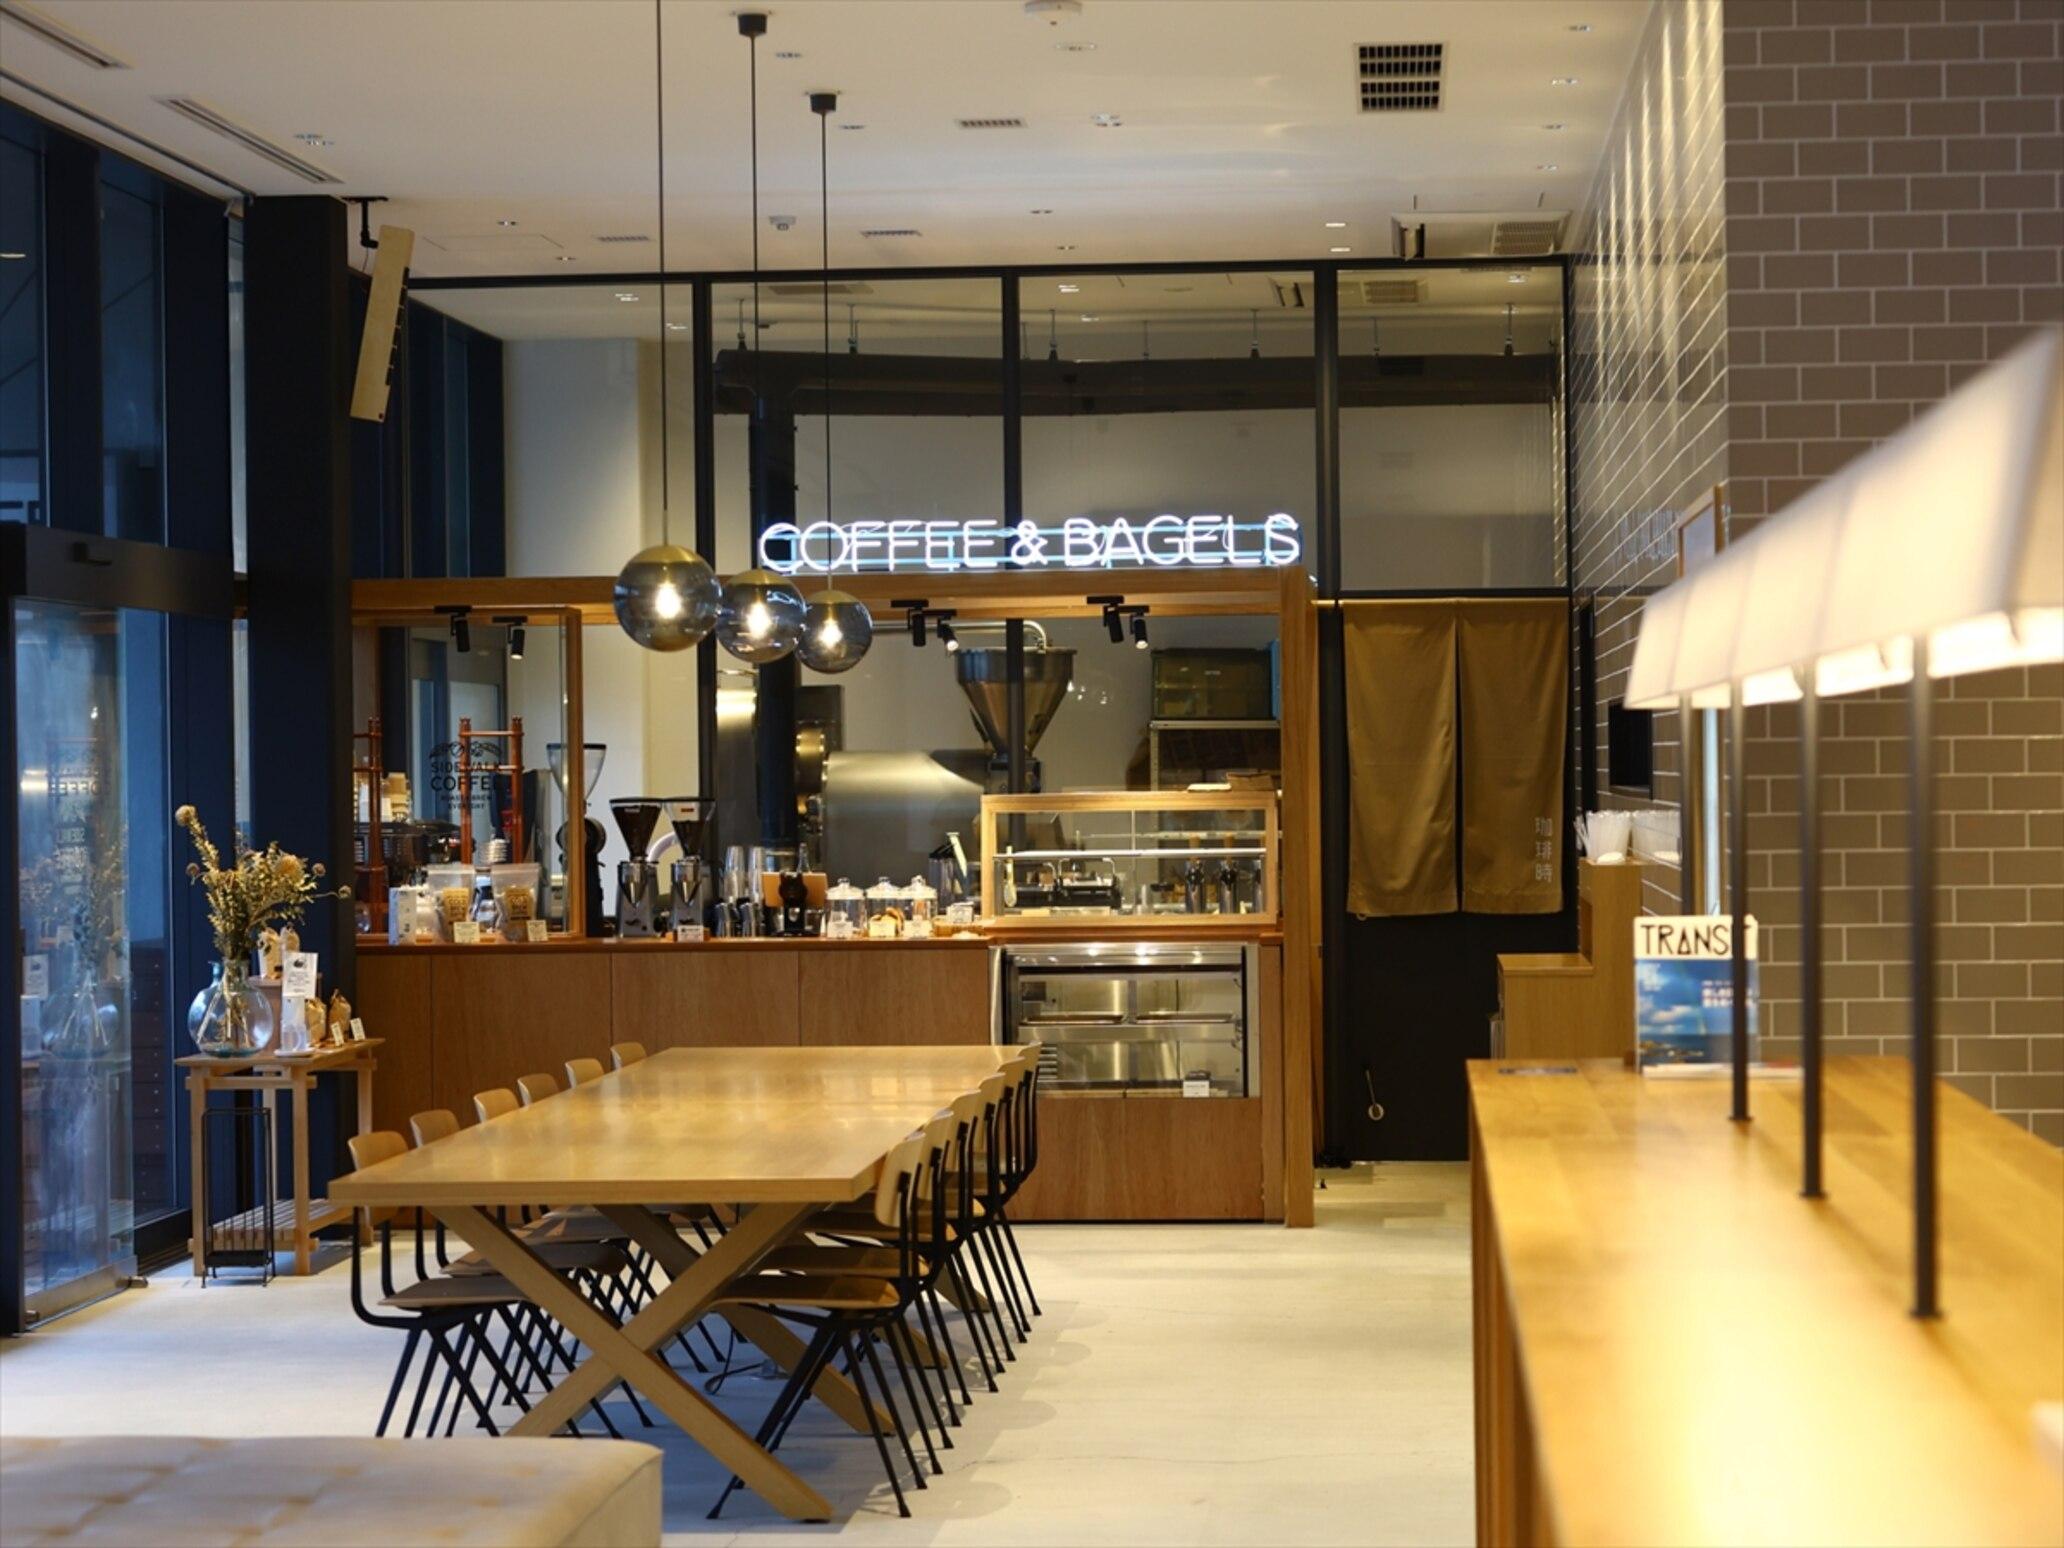 【東京おしゃれホテル】『MUSTARD HOTEL SHIMOKITAZAWA(マスタード™ ホテル シモキタザワ)』併設のカフェ「SIDEWALK COFFEE ROASTERS(サイドウォーク コーヒー ロースターズ)」